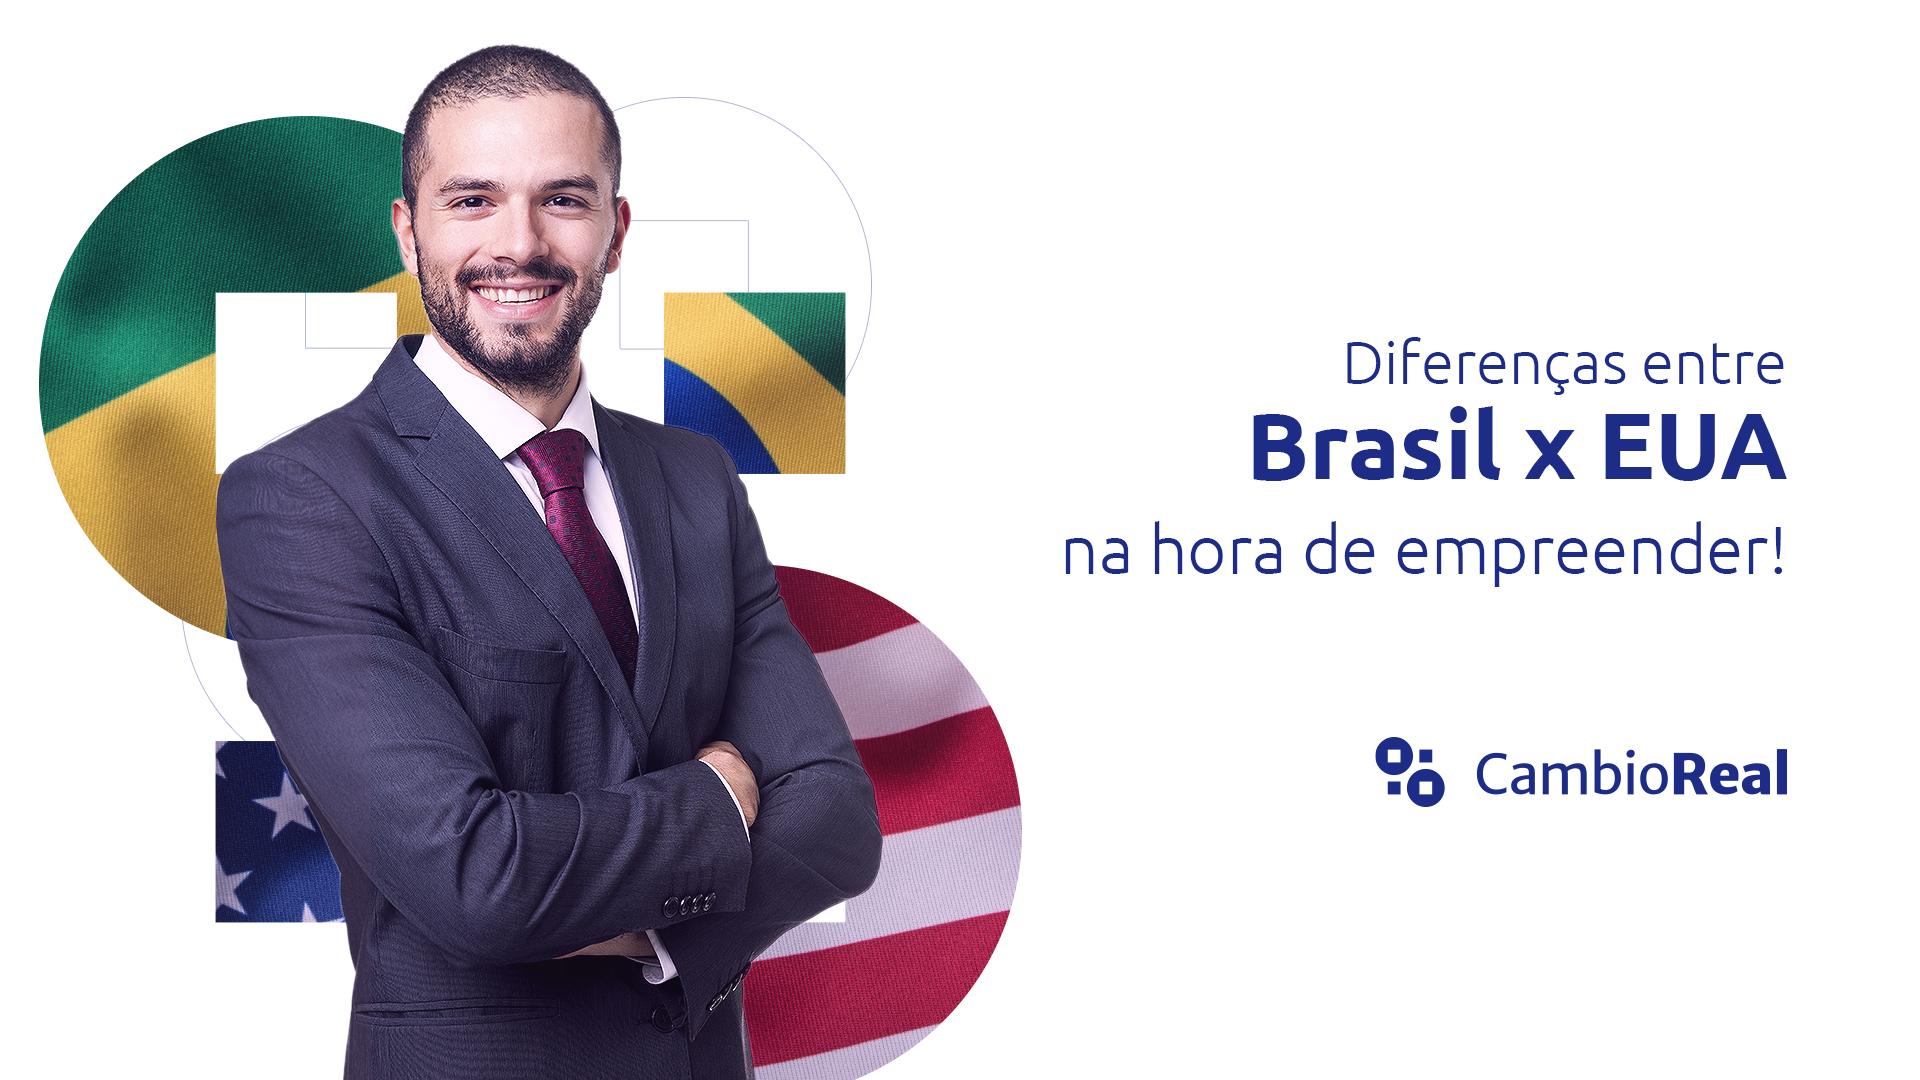 Diferenças entre empreender no Brasil e nos EUA